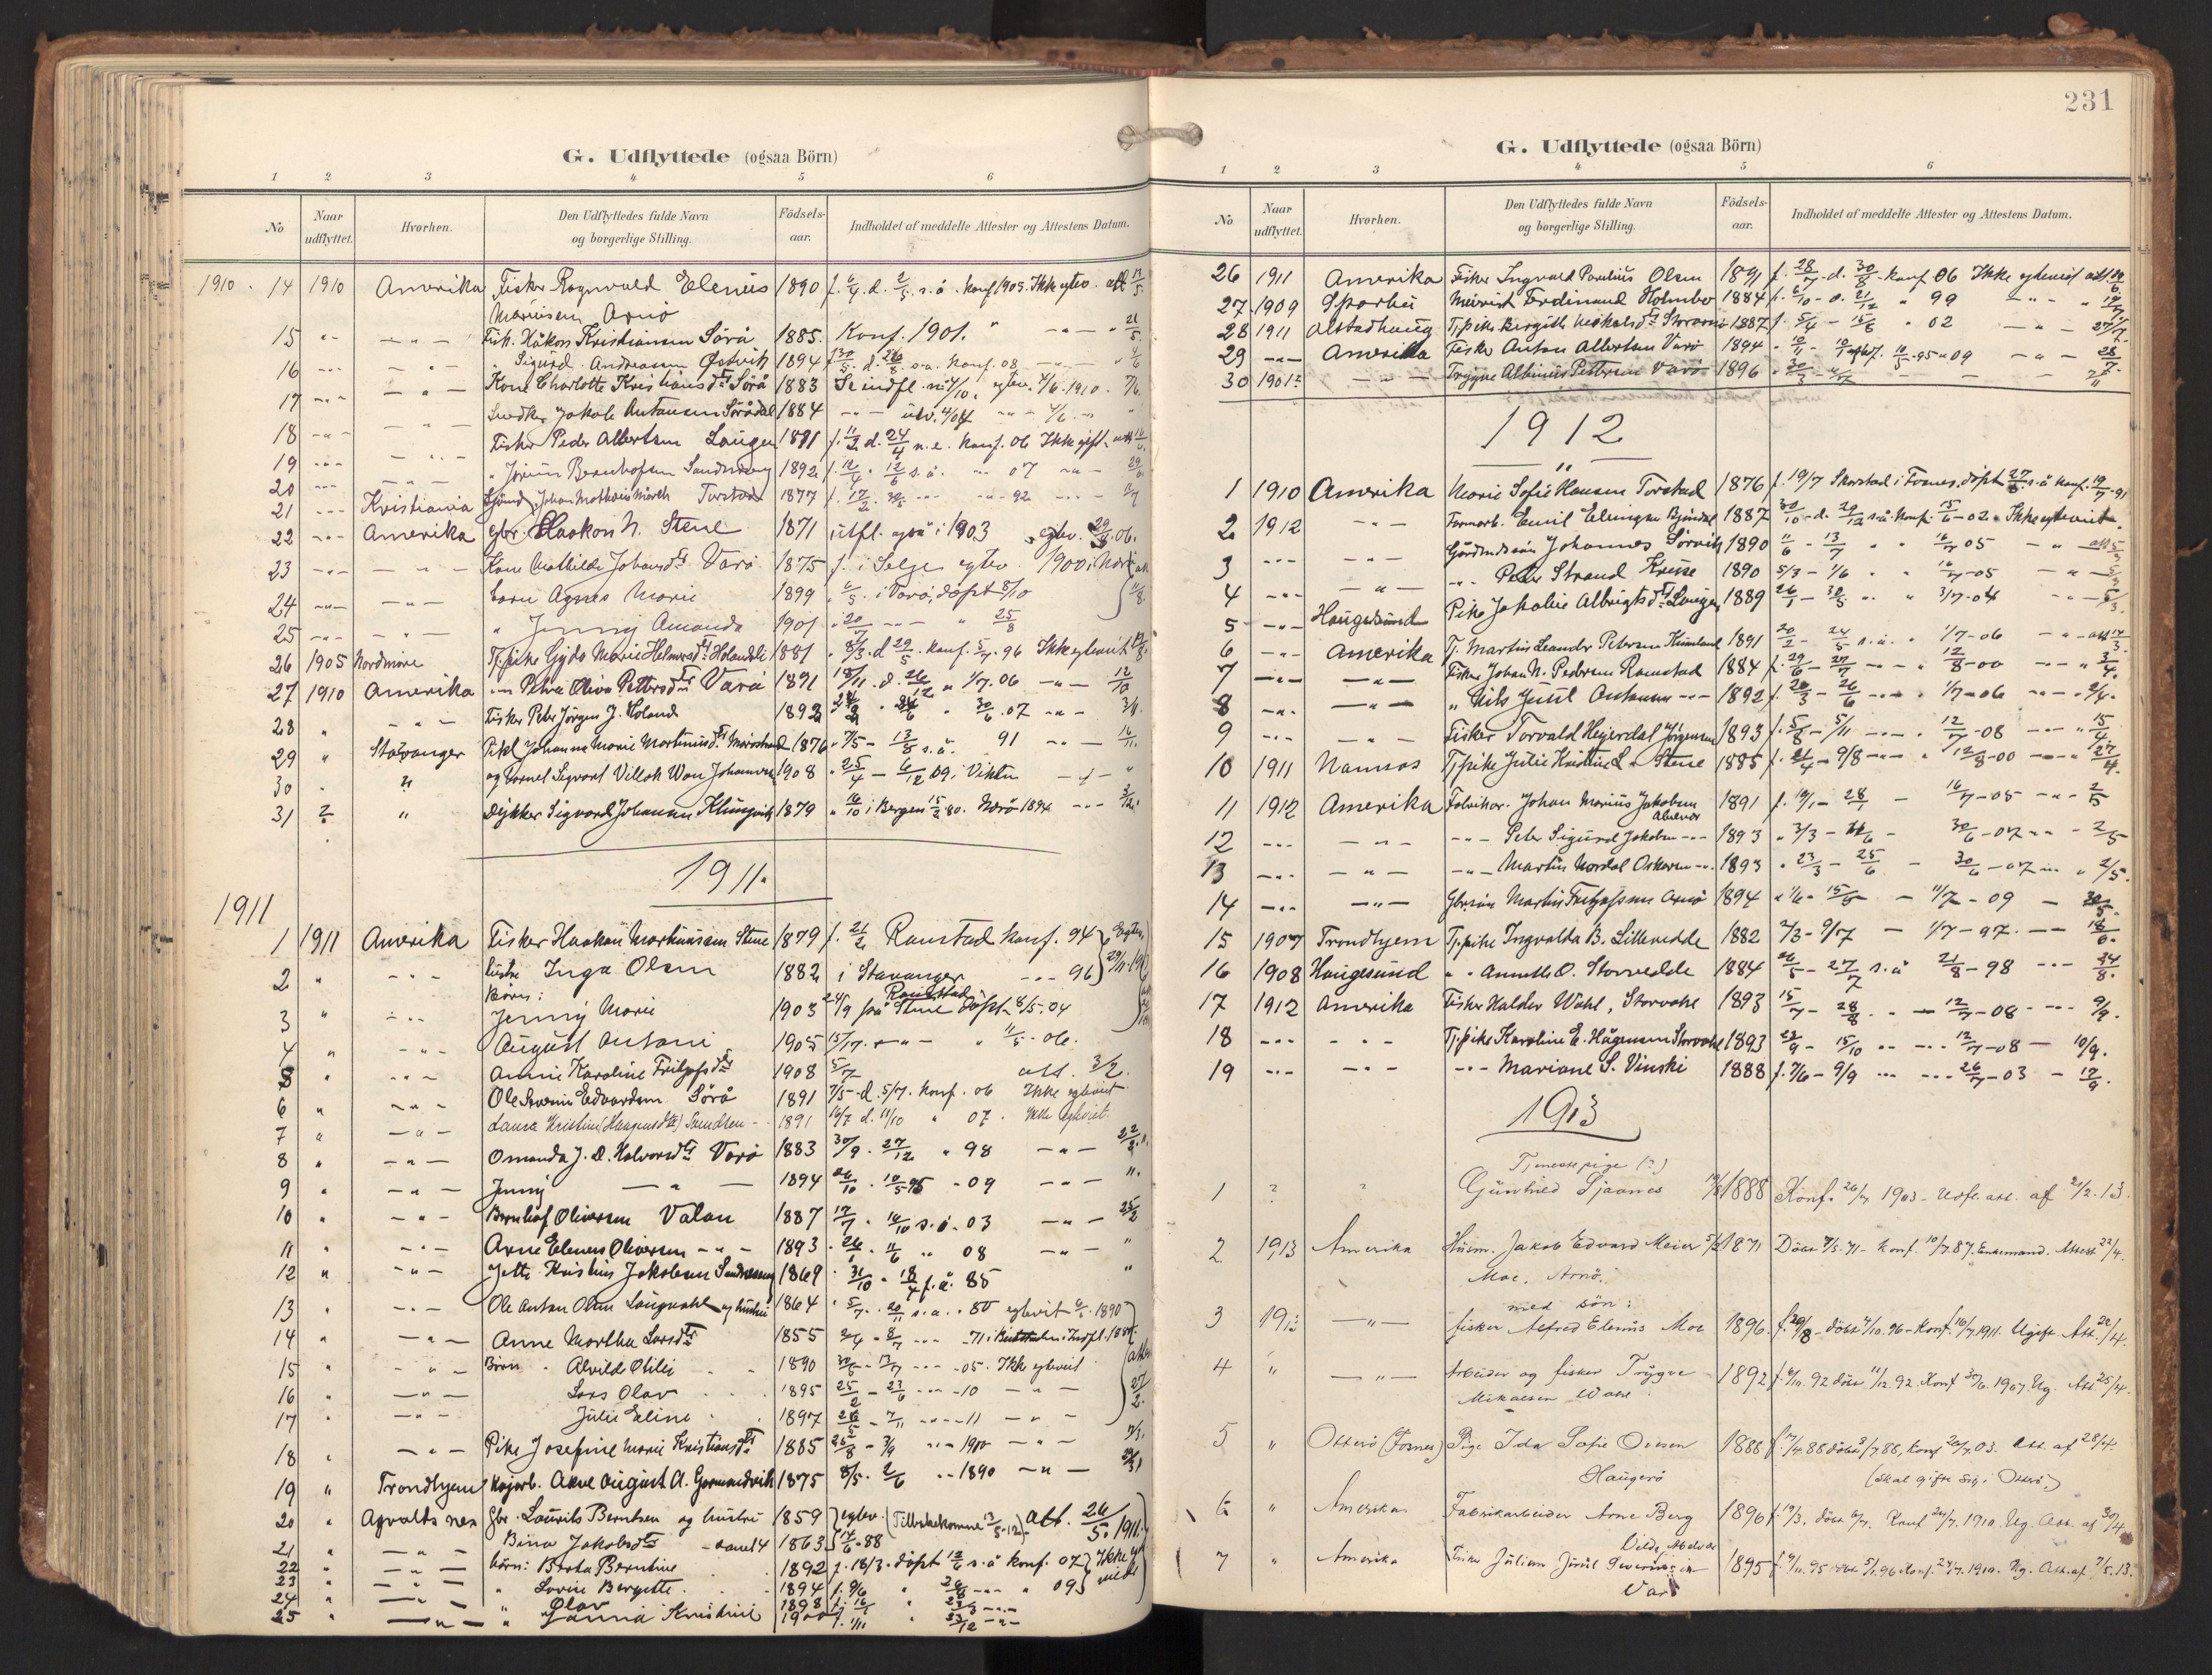 SAT, Ministerialprotokoller, klokkerbøker og fødselsregistre - Nord-Trøndelag, 784/L0677: Ministerialbok nr. 784A12, 1900-1920, s. 231